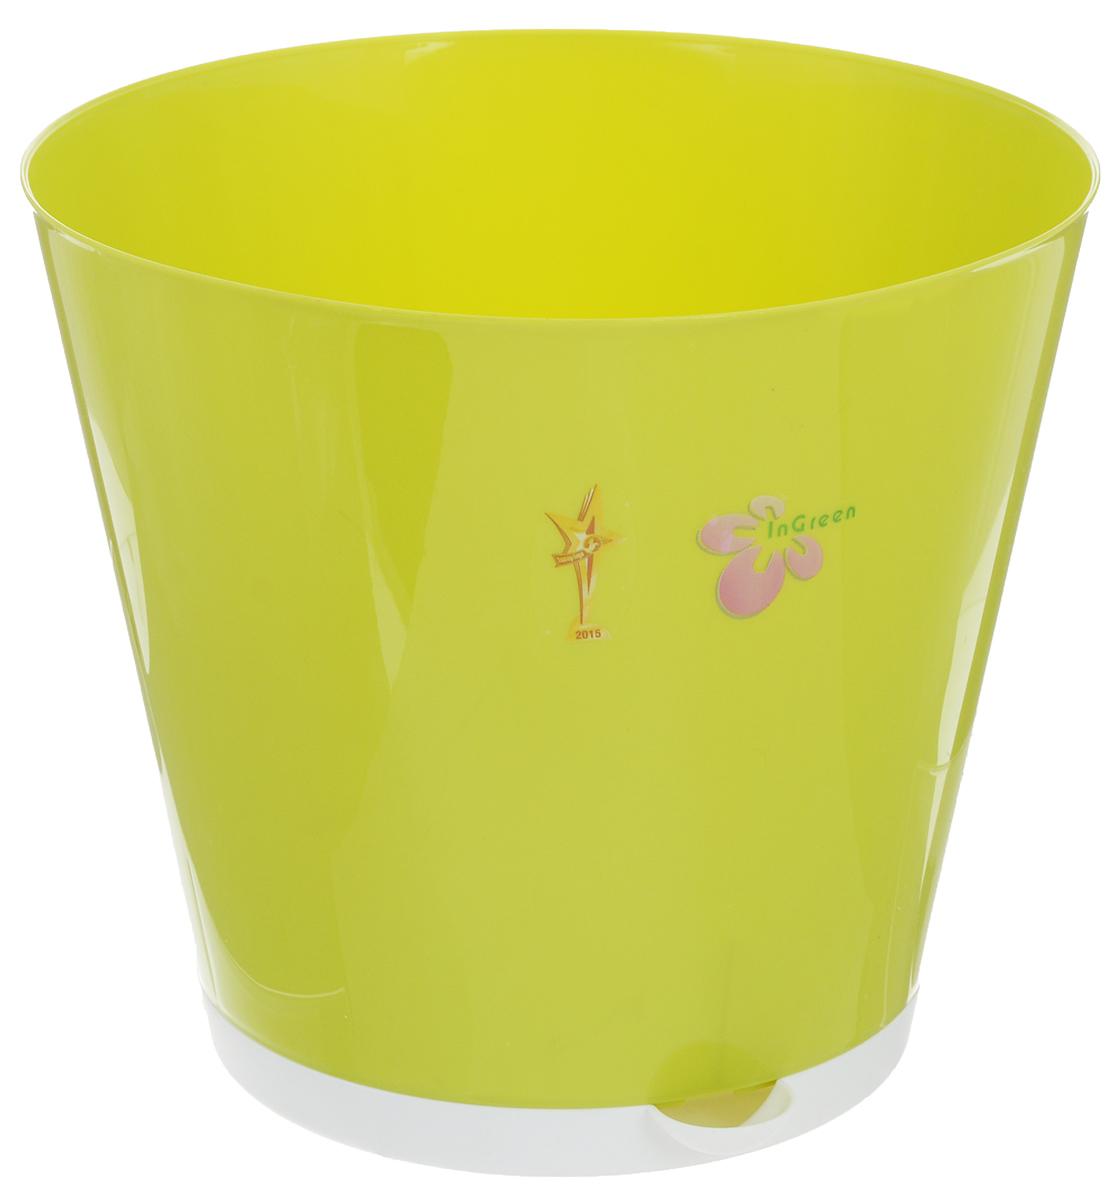 Горшок для цветов InGreen Крит, с системой прикорневого полива, цвет: салатовый, белый, диаметр 25,4 смING46025СЛГоршок InGreen Крит, выполненный из высококачественного пластика, предназначен для выращивания комнатных цветов, растений и трав. Специальная конструкция обеспечивает вентиляцию в корневой системе растения, а дренажные отверстия позволяют выходить лишней влаге из почвы. Крепежные отверстия и штыри прочно крепят подставку к горшку. Прикорневой полив растения осуществляется через удобный носик. Система прикорневого полива позволяет оставлять комнатное растение без внимания тем, кто часто находится в командировках или собирается в отпуск и не имеет возможности вовремя поливать цветы. Такой горшок порадует вас современным дизайном и функциональностью, а также оригинально украсит интерьер любого помещения. Объем: 7 л. Диаметр горшка (по верхнему краю): 25,4 см. Высота горшка: 22,6 см.